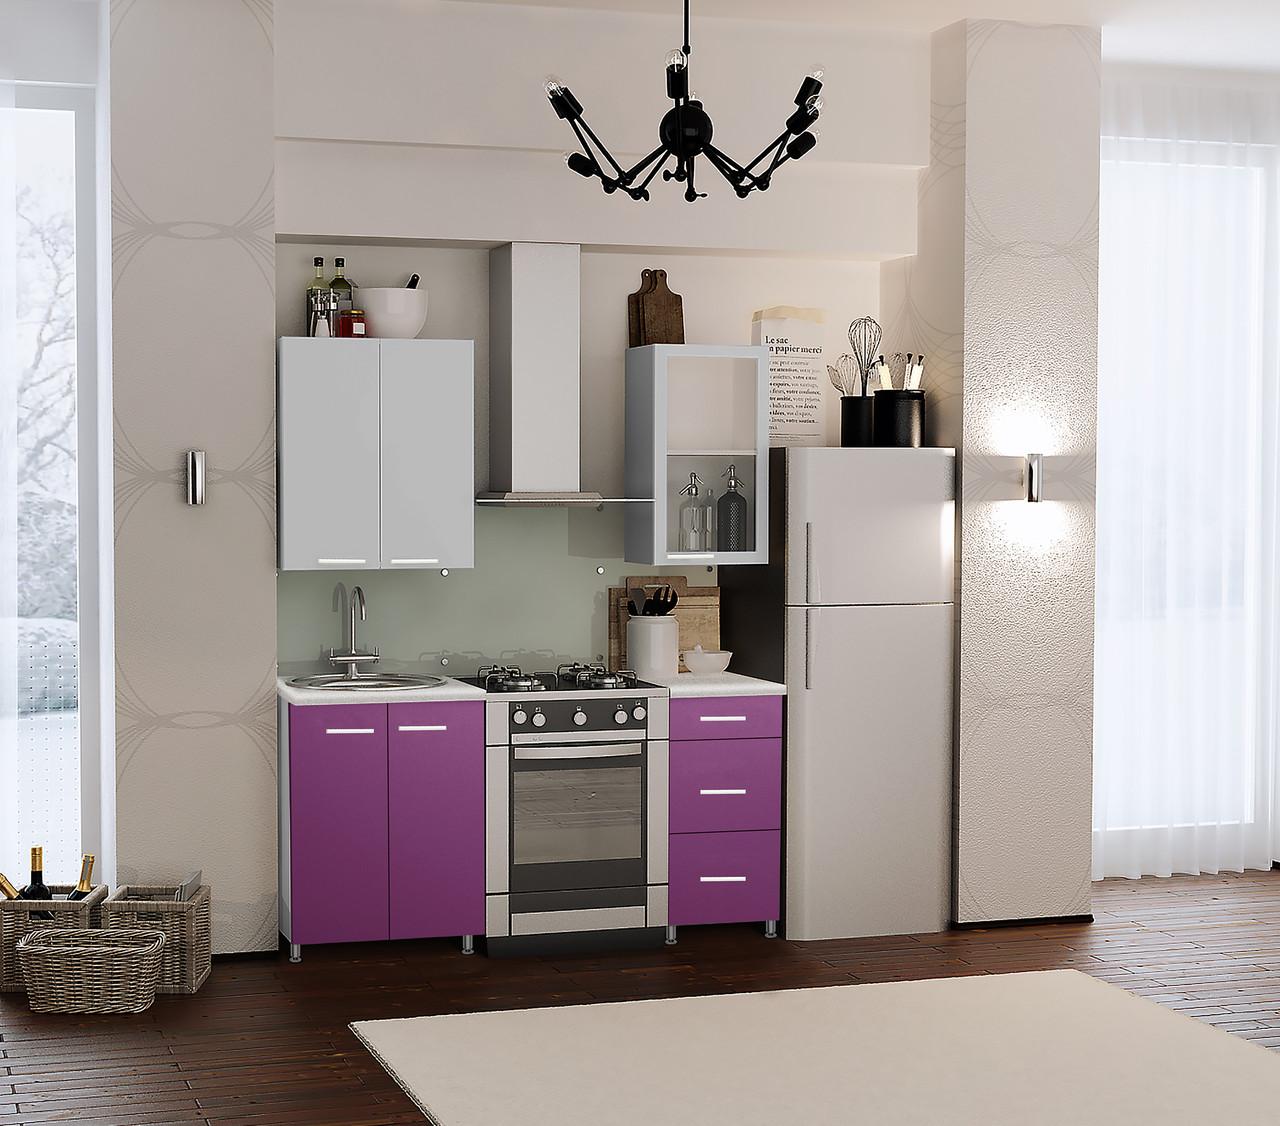 Mobili da cucina AMI (38 foto): recensioni su modelli d ...